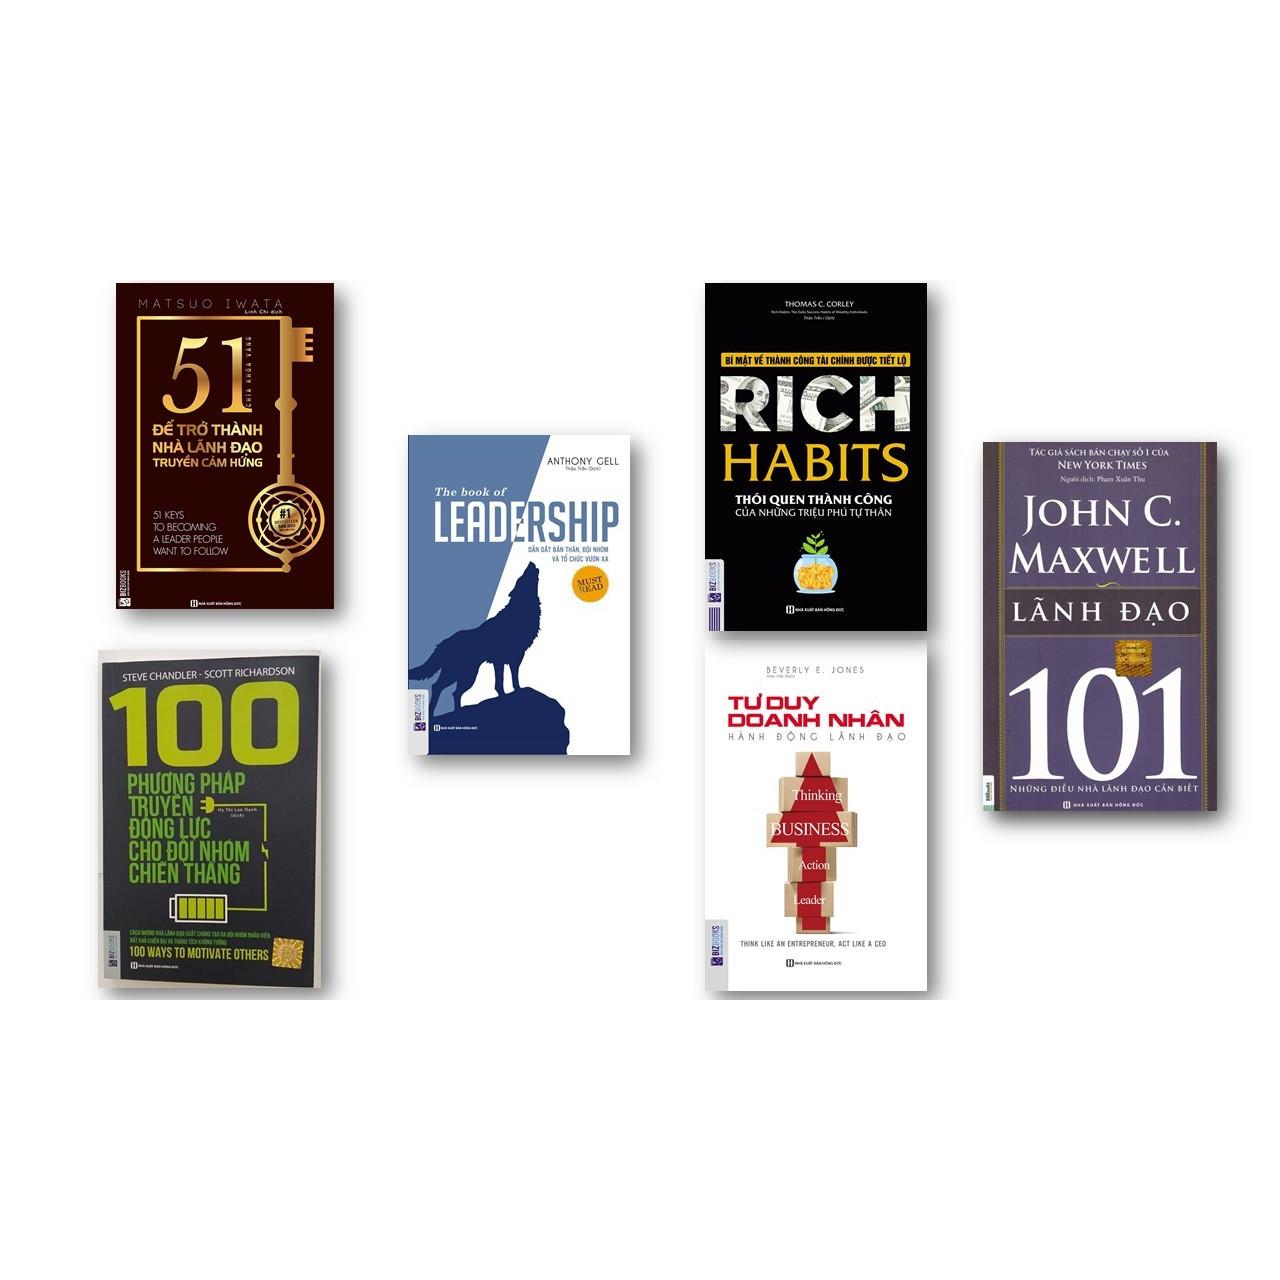 Combo Chìa Khóa Vàng Cho Những Nhà Lãnh Đạo Thành Công ( 100 phương pháp truyền động lục cho đội nhóm chiến thắng + Rich Habits thói quen thành công của những triệu phú tự thân + Tư duy doanh nhân hành động lãnh đạo + 51 chìa khóa vàng để trở trành nhà lãnh đạo truyền cảm hứng + Leadership dẫn dắt bản thân đội nhóm và tổ chức vươn xa ) ( tặng kèm  Lãnh đạo 101 – Leadership 101 + bút chì dễ thương )